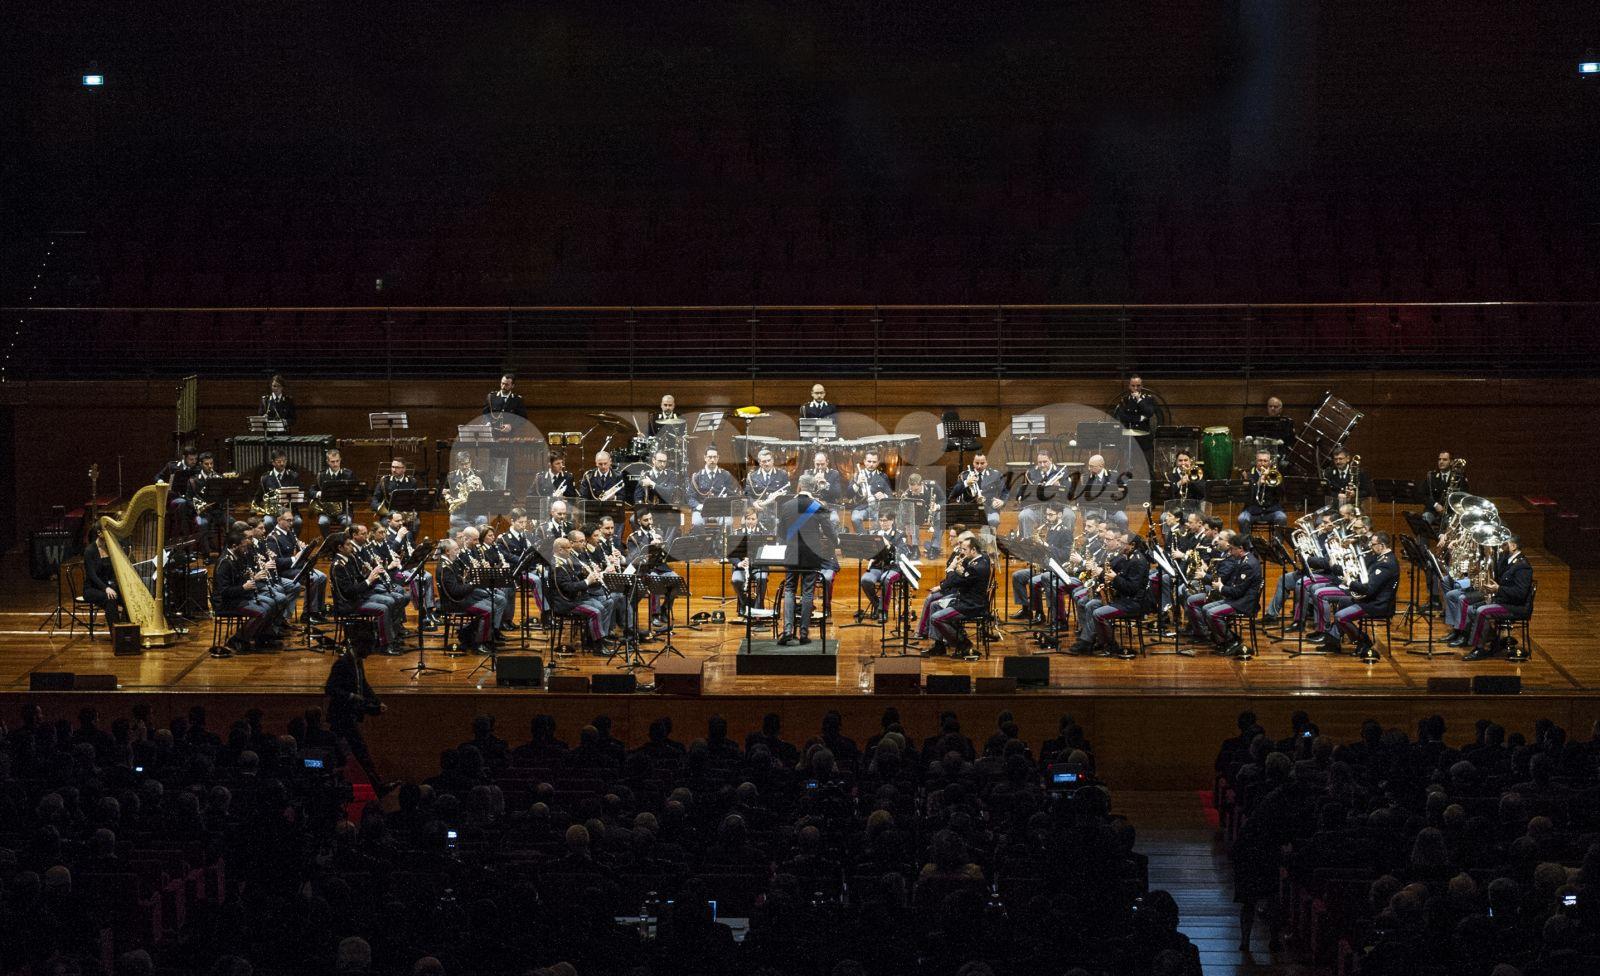 La Banda musicale della Polizia di Stato protagonista ad Assisi per celebrare il Serafico